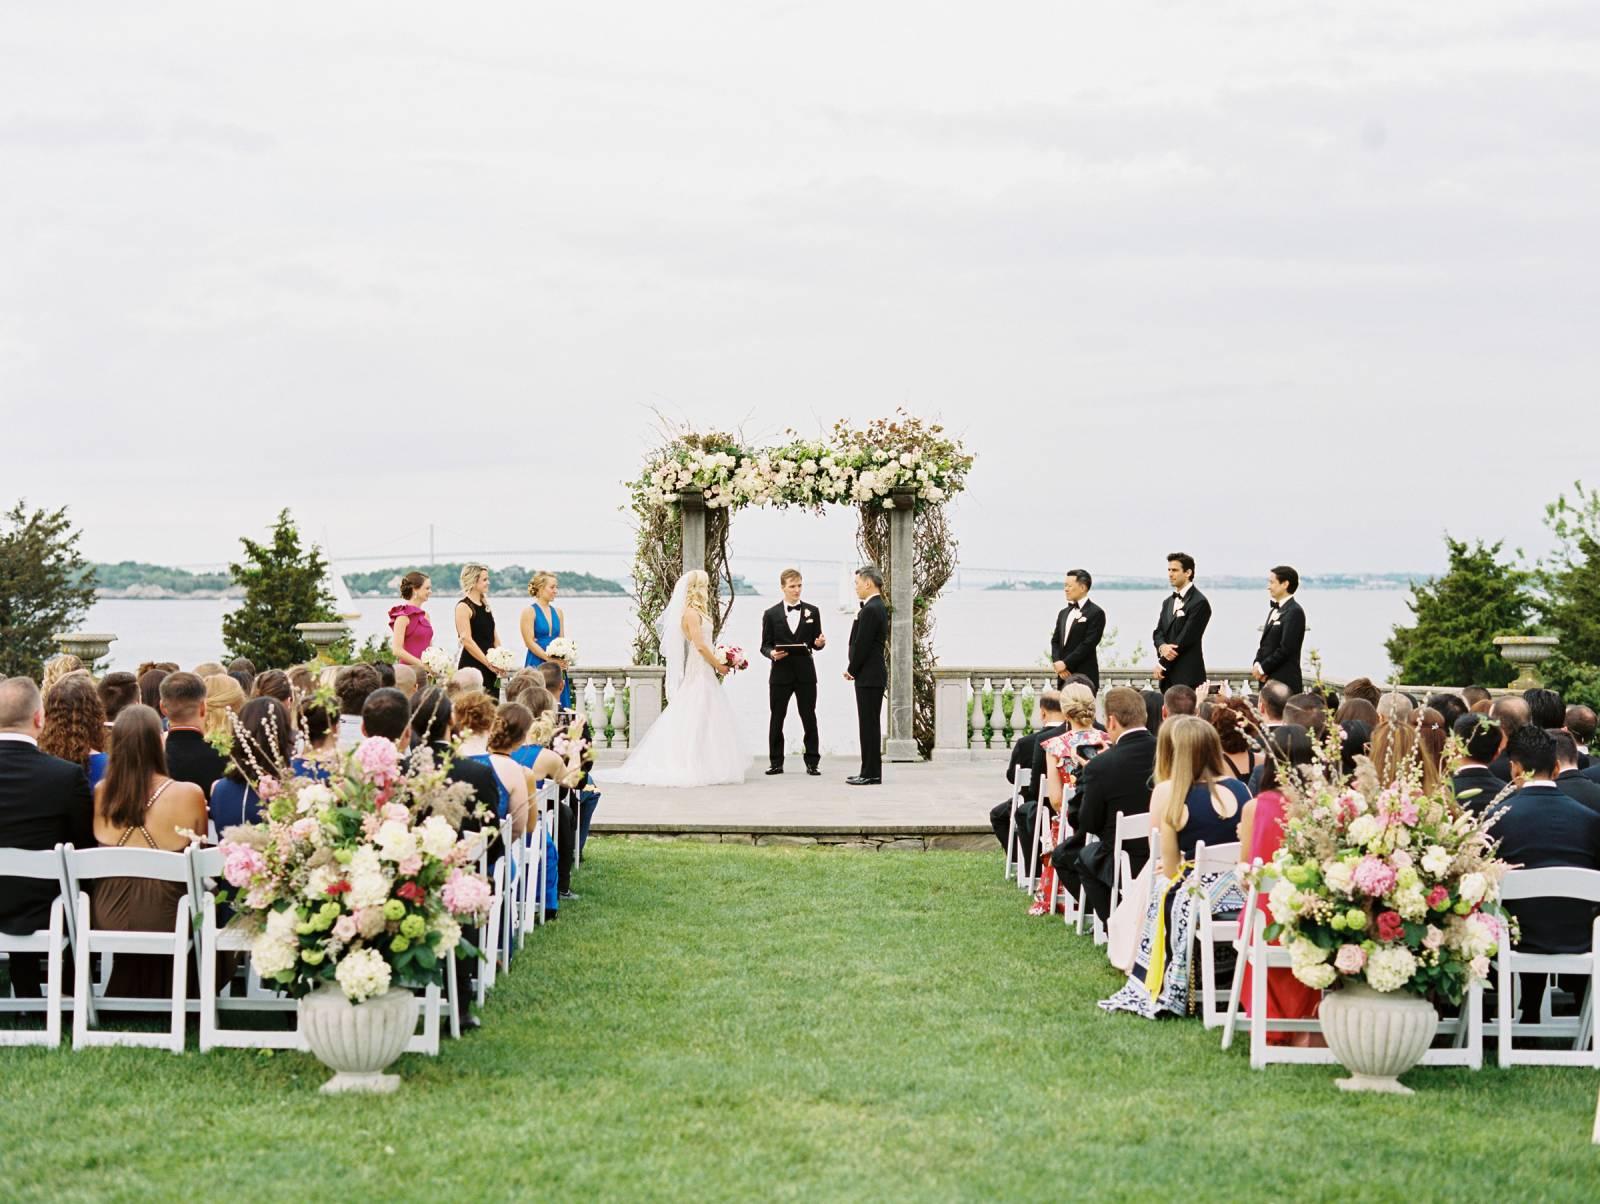 660f297d9ef5 Classically elegant wedding at Castle Hill Inn